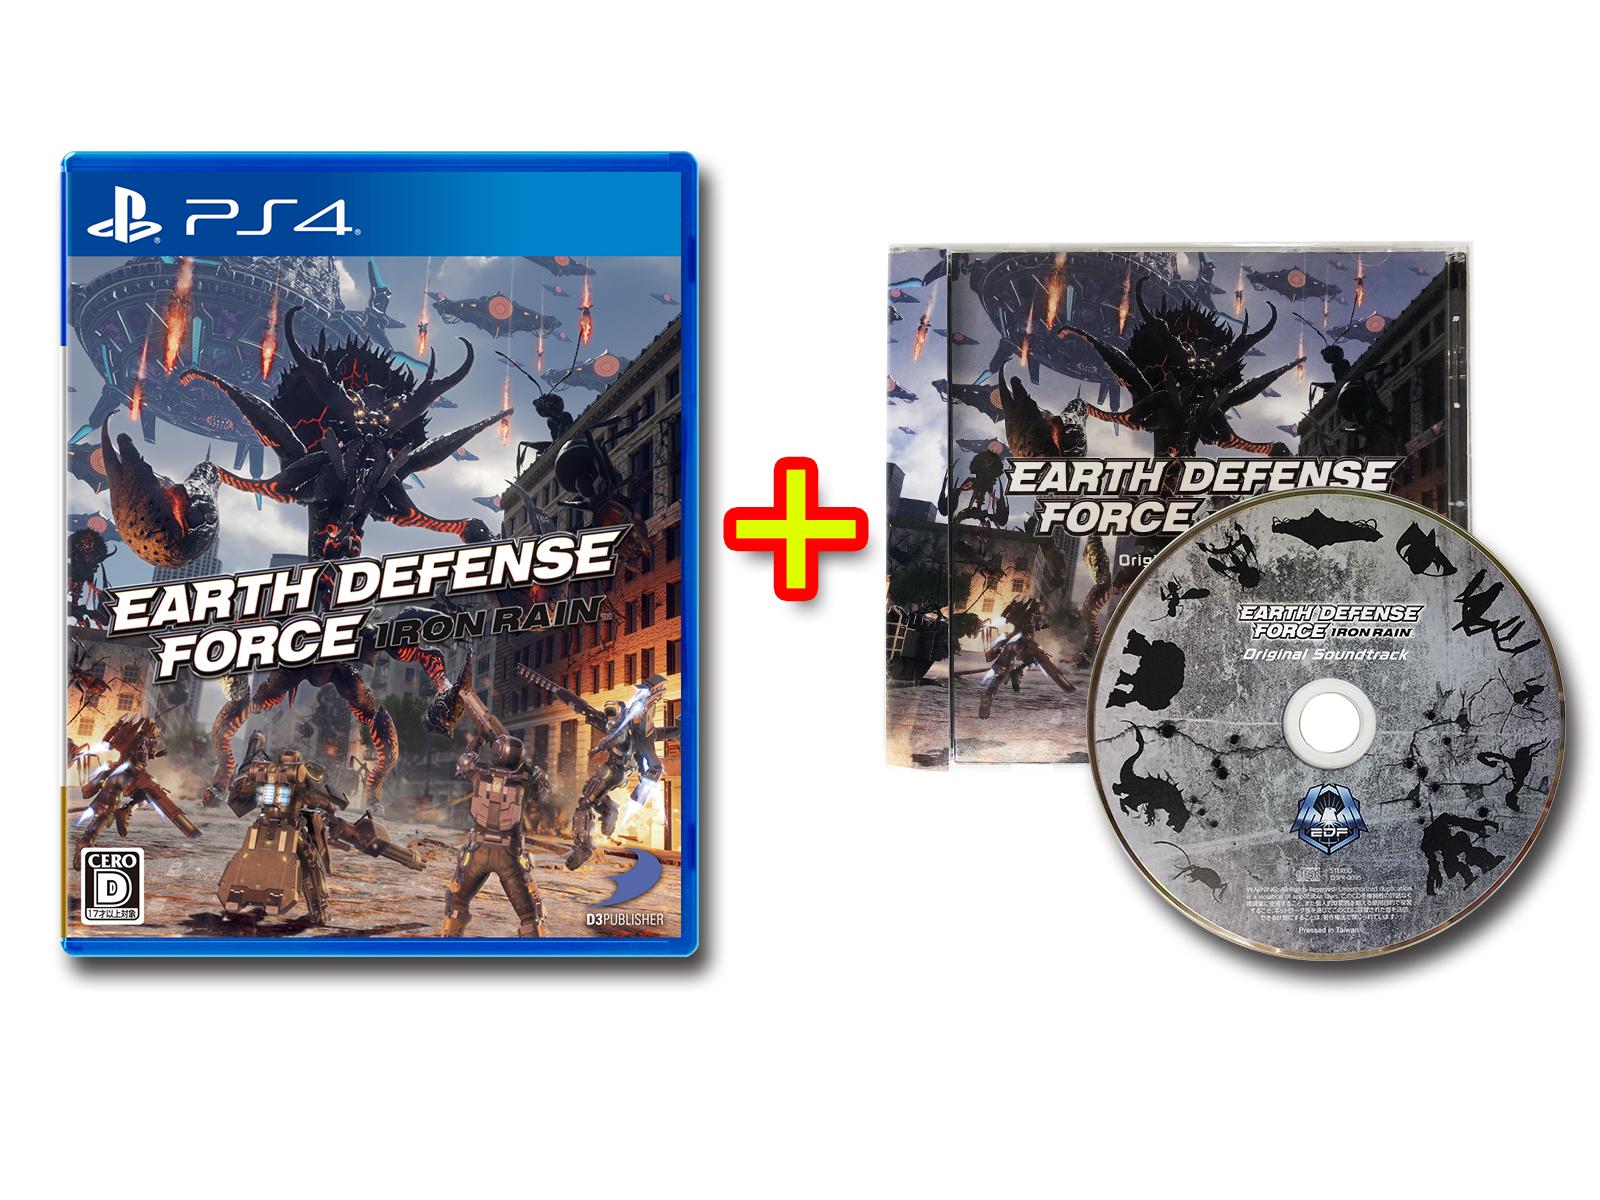 プレイステーション4 防衛軍 EDF IR アクションゲーム 初回封入特典付 店舗特典付 PS4 DEFENSE IRON FORCE: EARTH RAIN 情熱セール 正規逆輸入品 オリジナルサウンドトラックCDセット